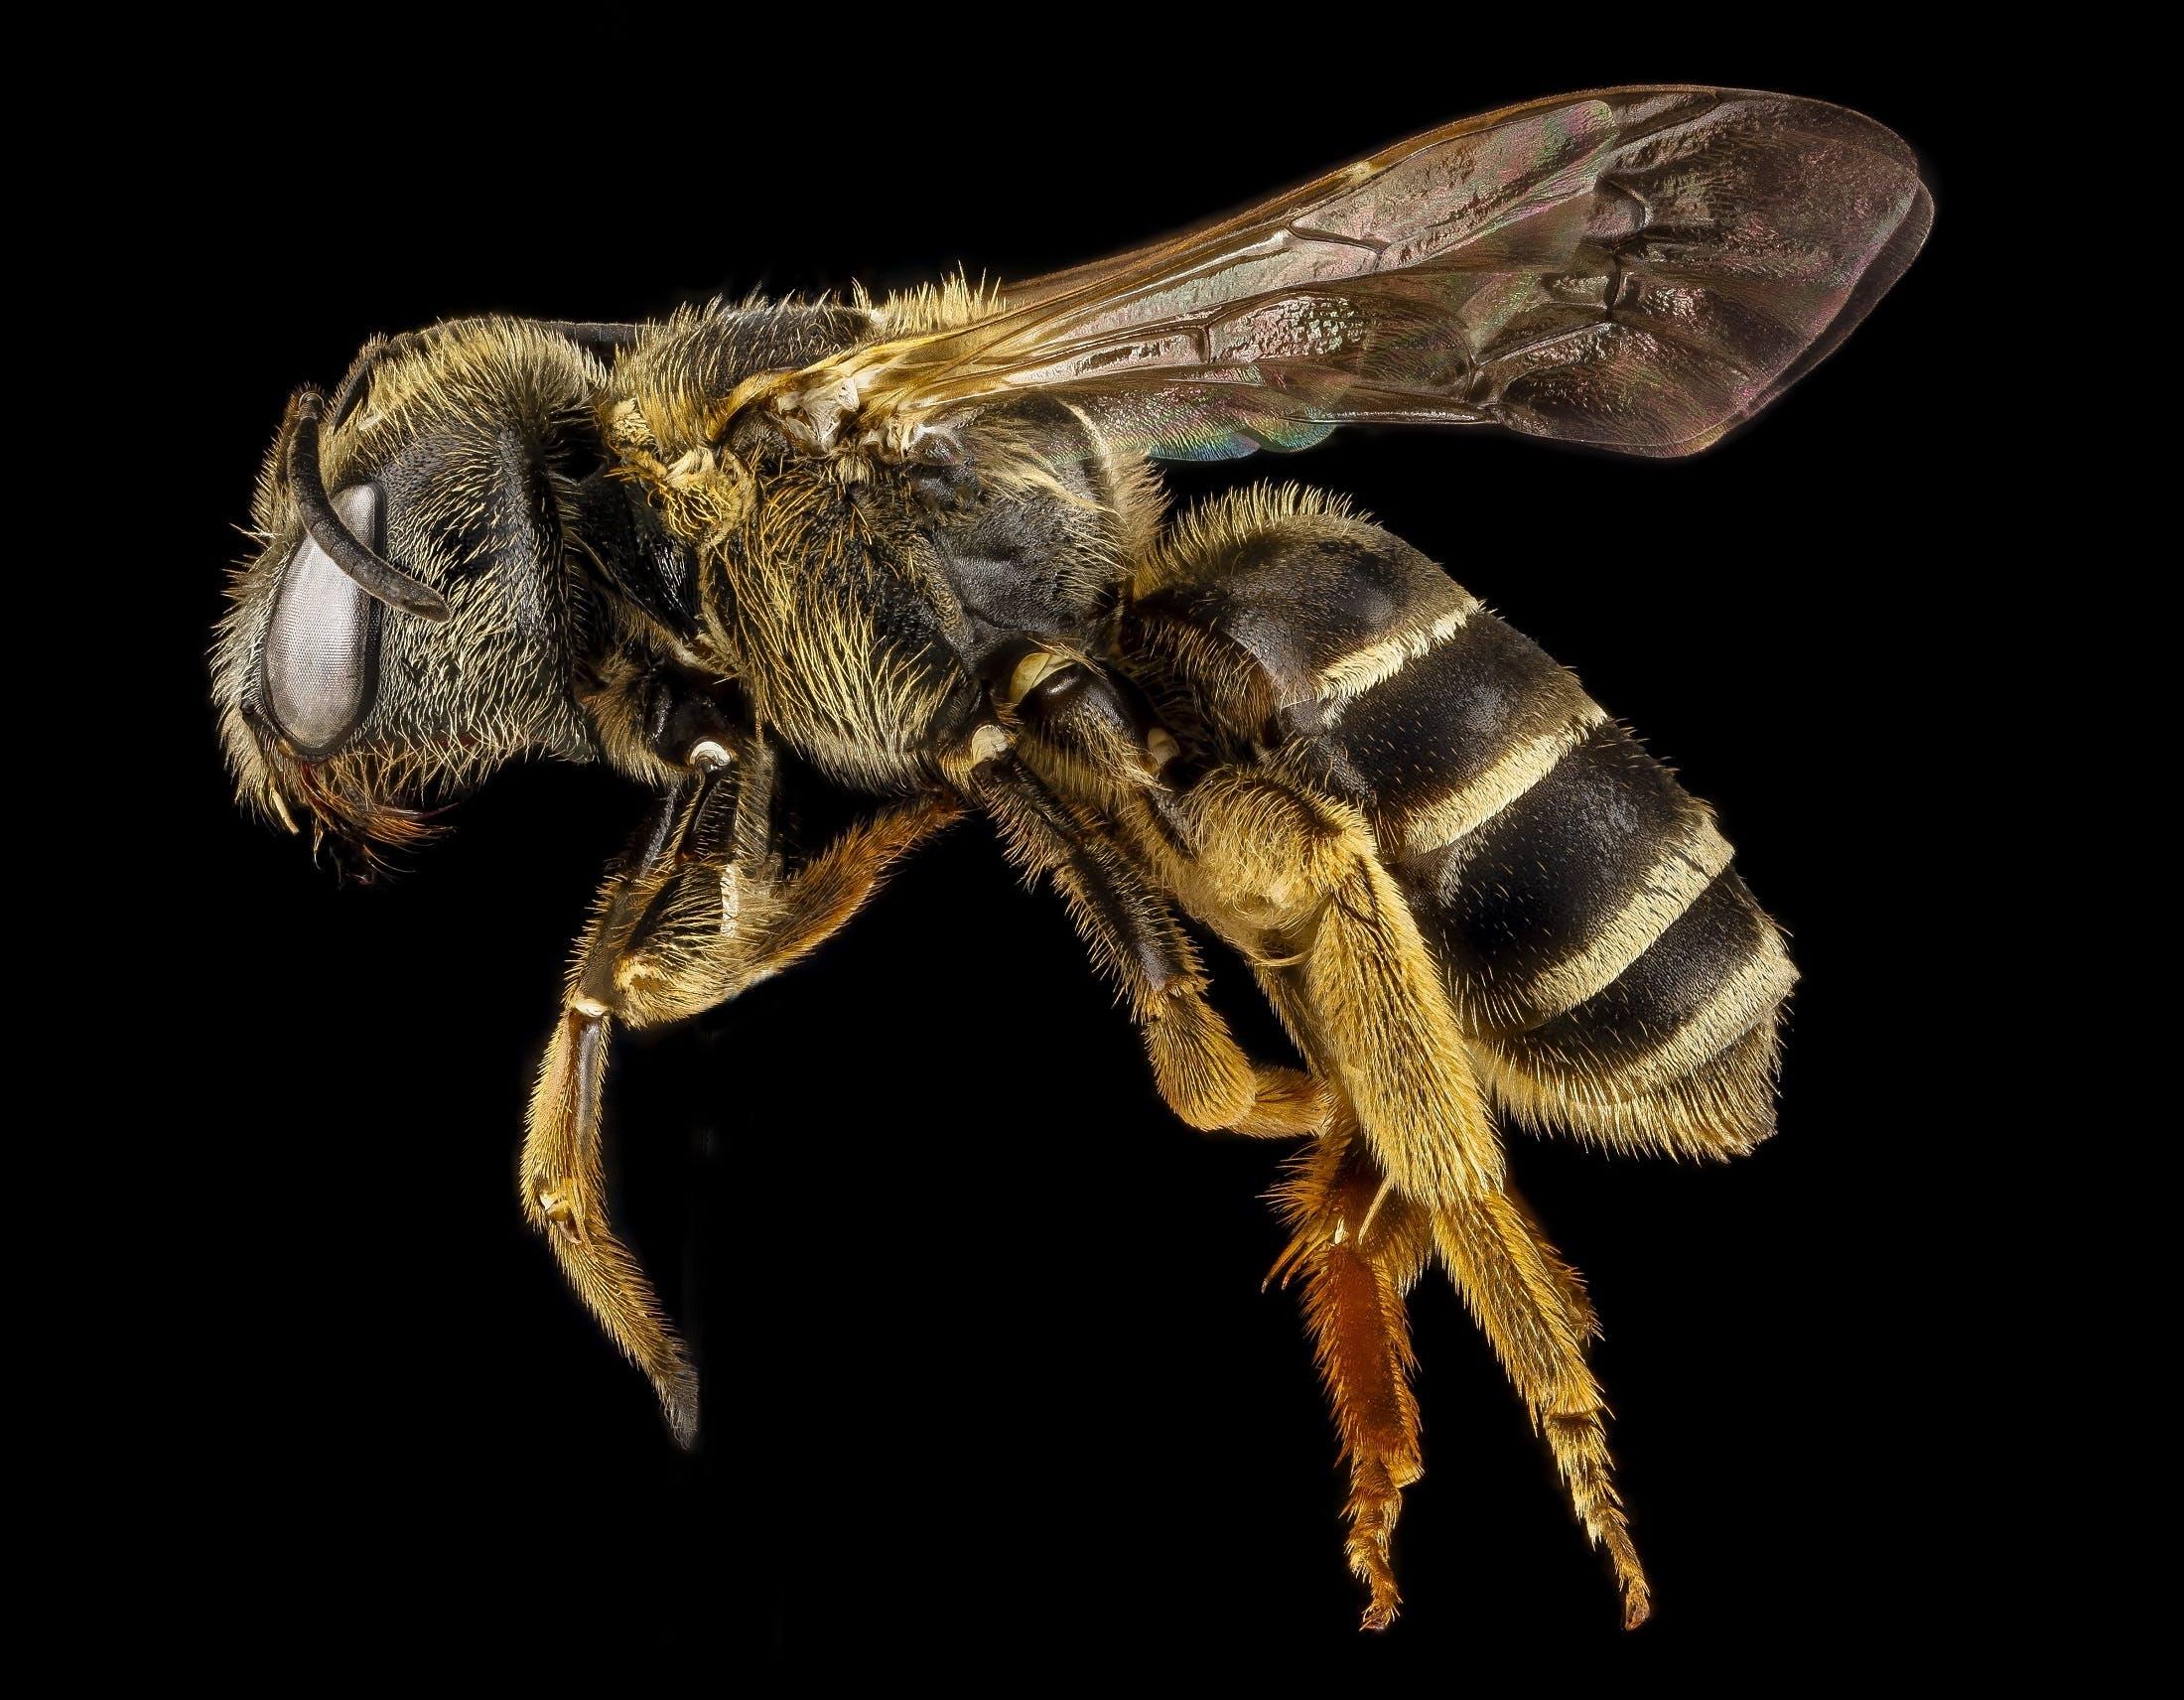 Yellow Bee Macro Photography